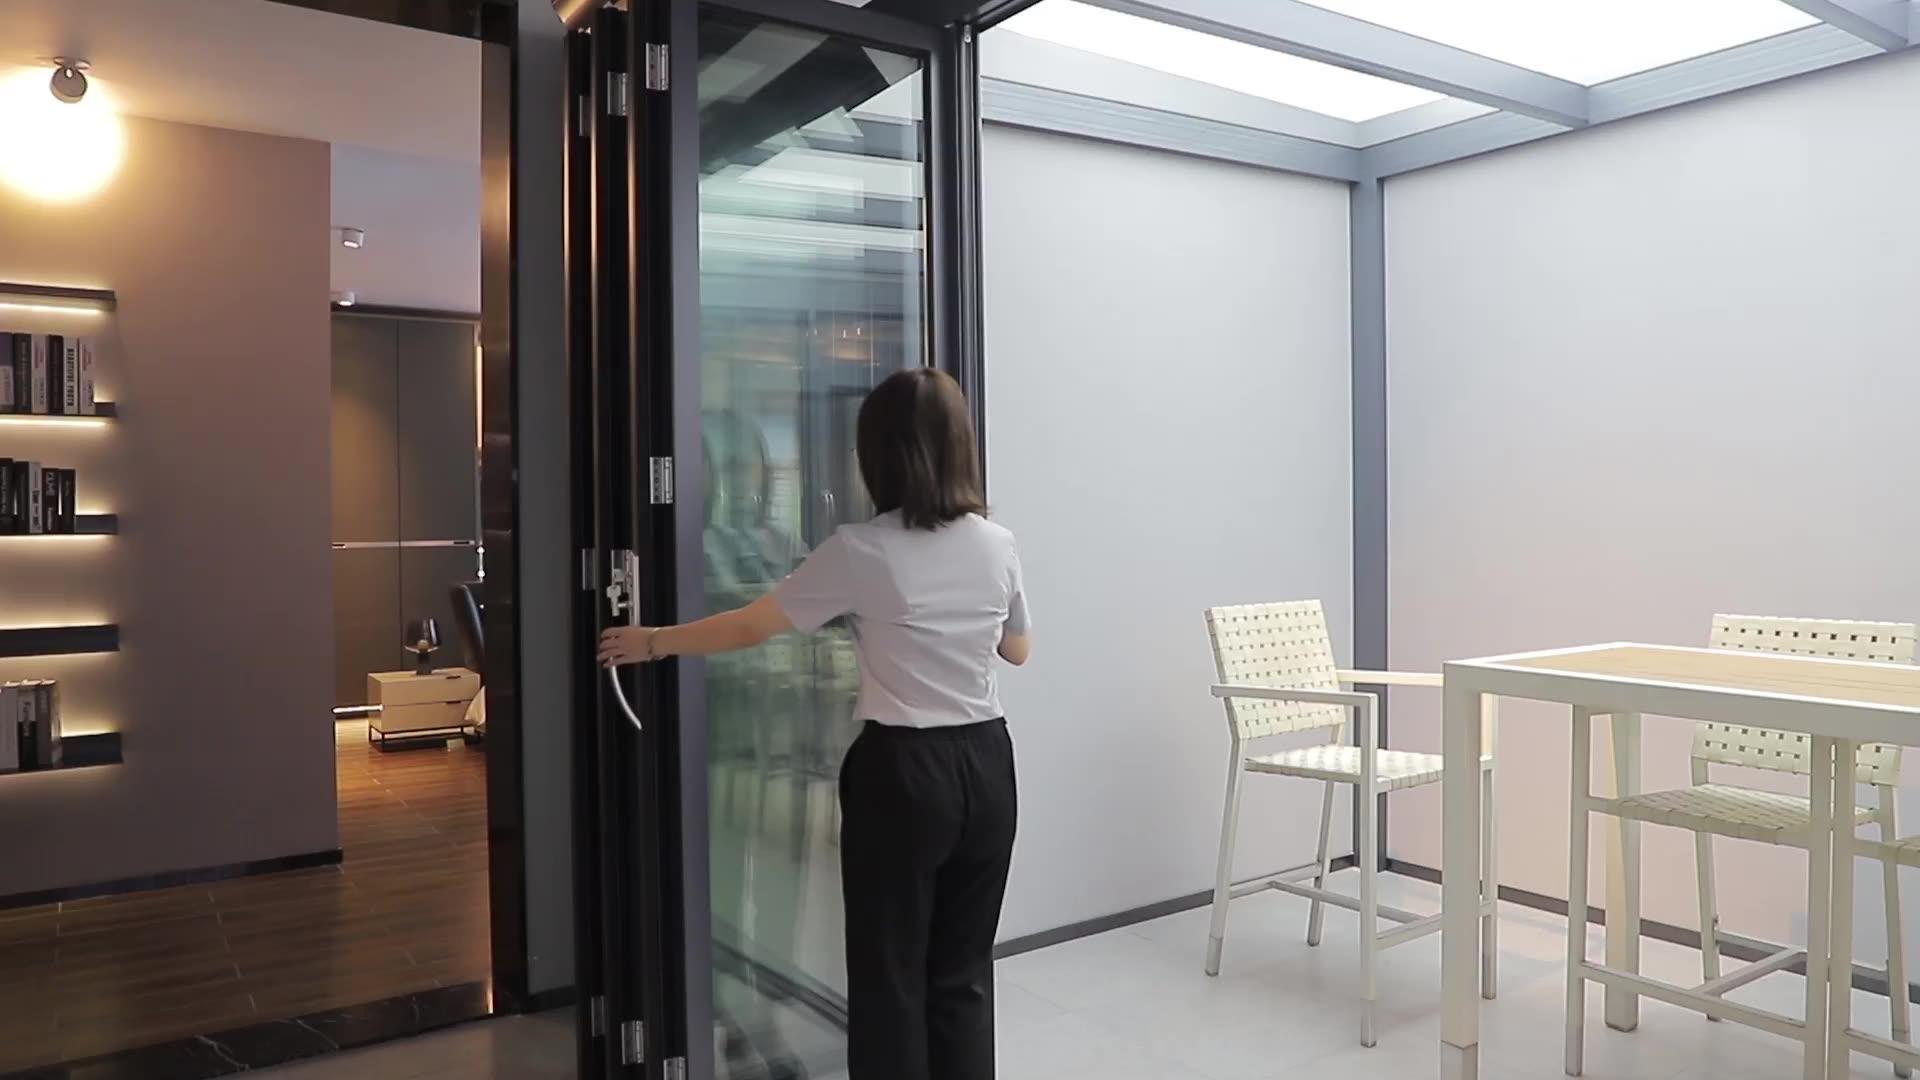 ประตูพับสองบานขนาดใหญ่,มุมสวิงกระจกฉนวนกันความร้อนกระจกสองชั้นลานด้านนอกประตูสองชั้น